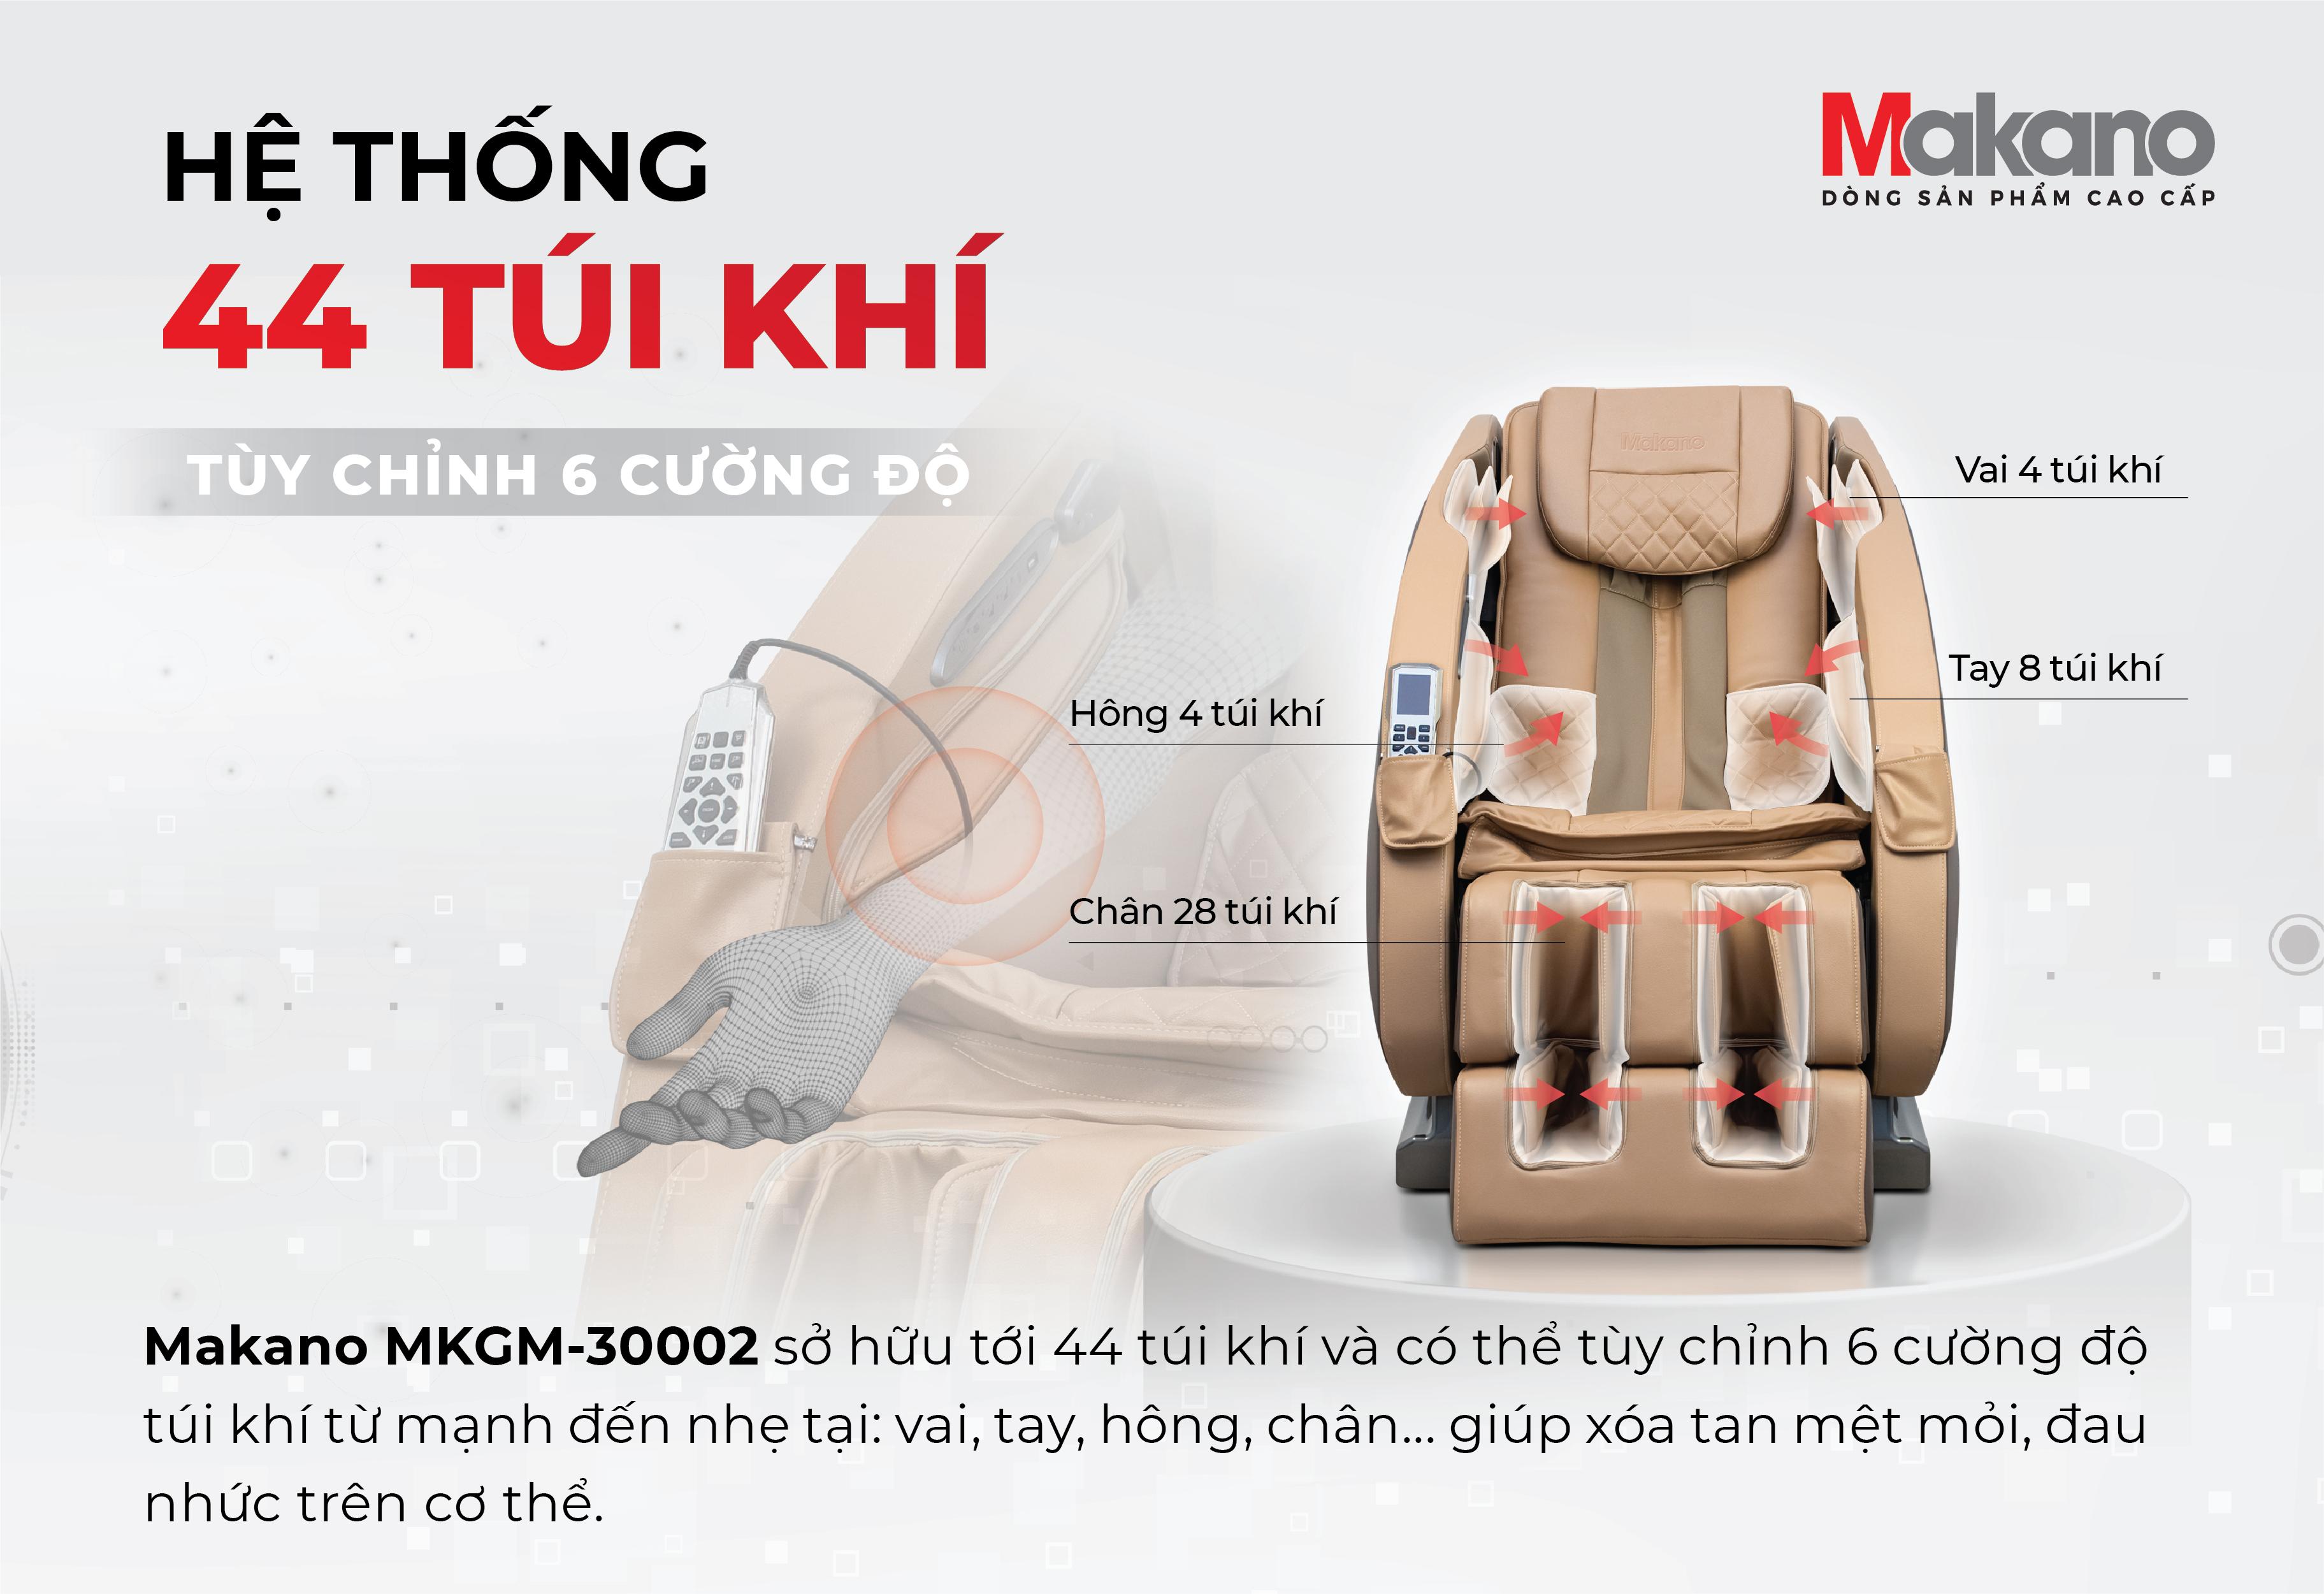 Túi khí - ghế massage Makano MKGM-30002